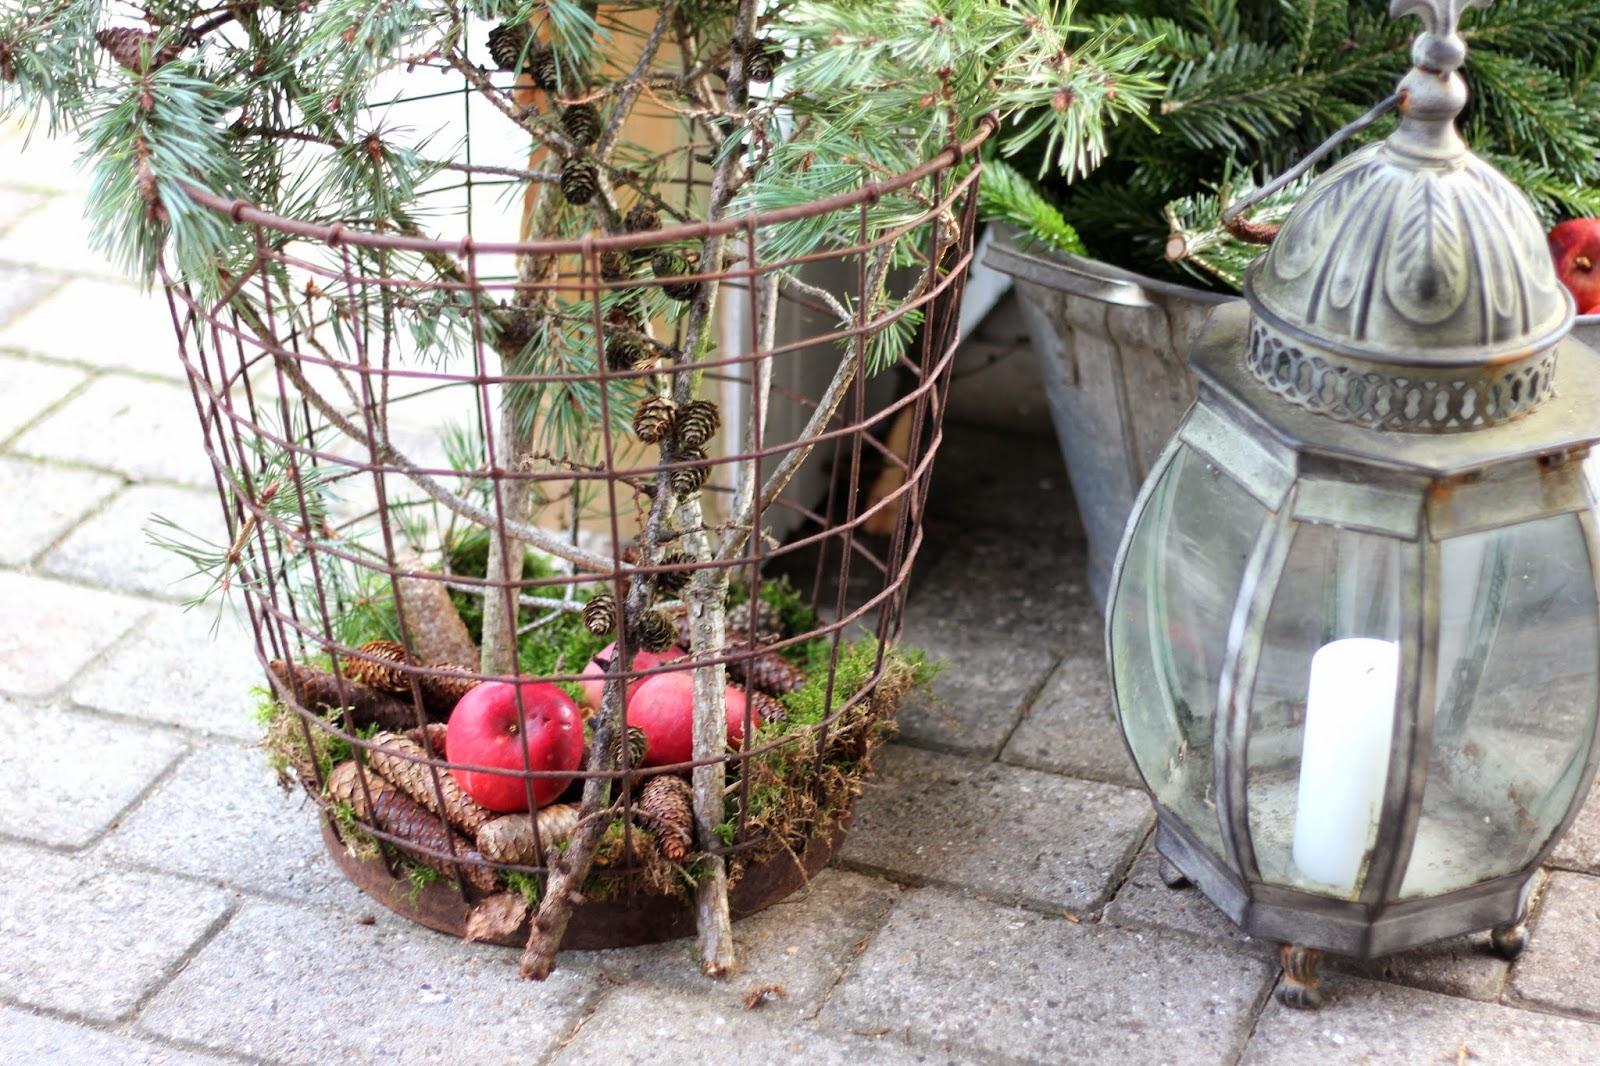 ævlebævle: Naturlig pynt udendørs